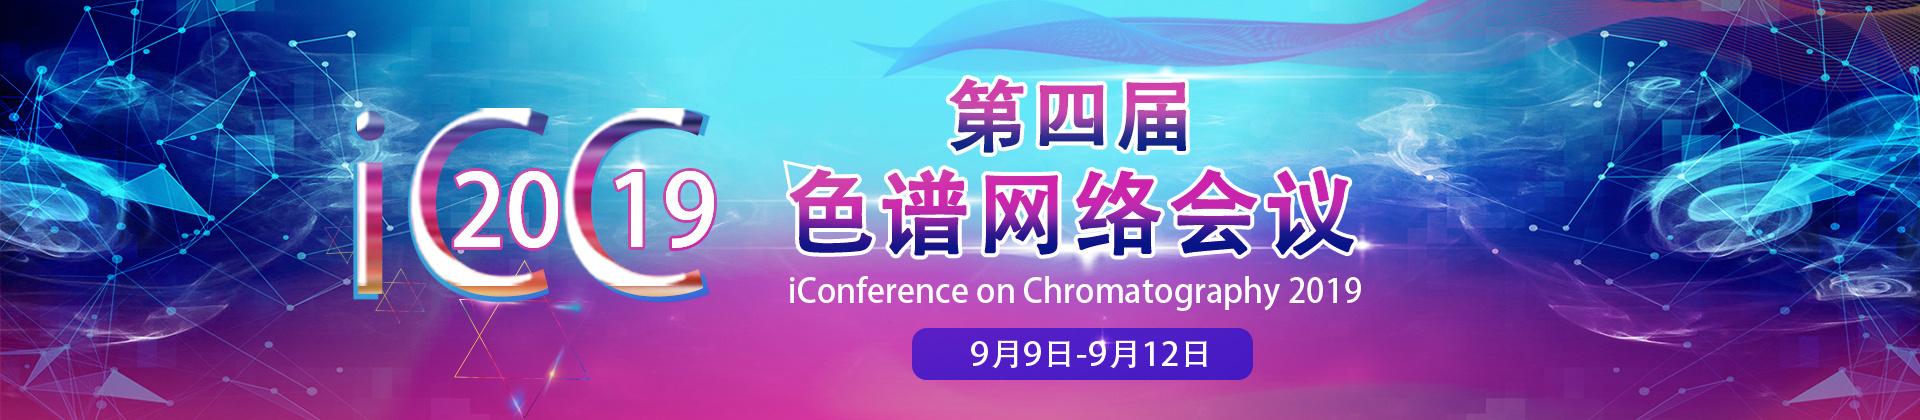 第四届网络色谱会议